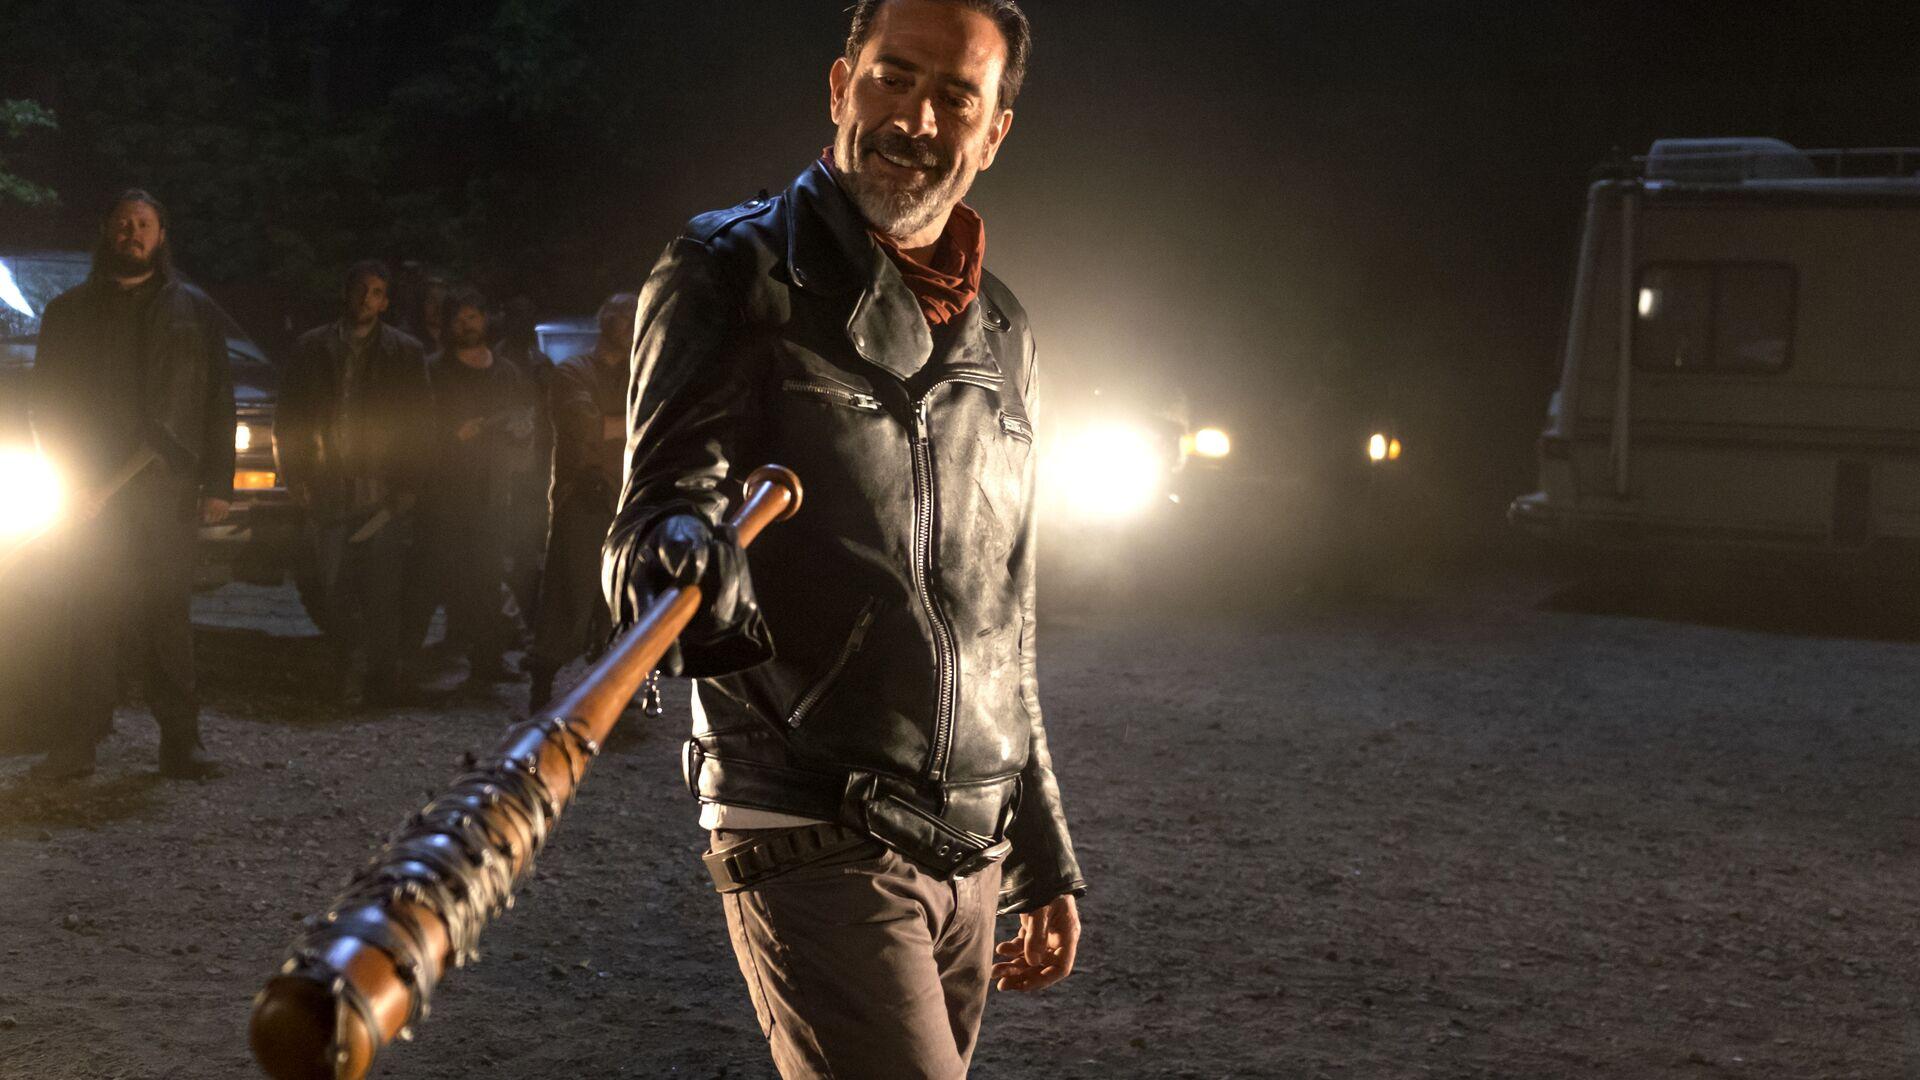 1920x1080 Negan The Walking Dead Season 7 Laptop Full Hd 1080p Hd